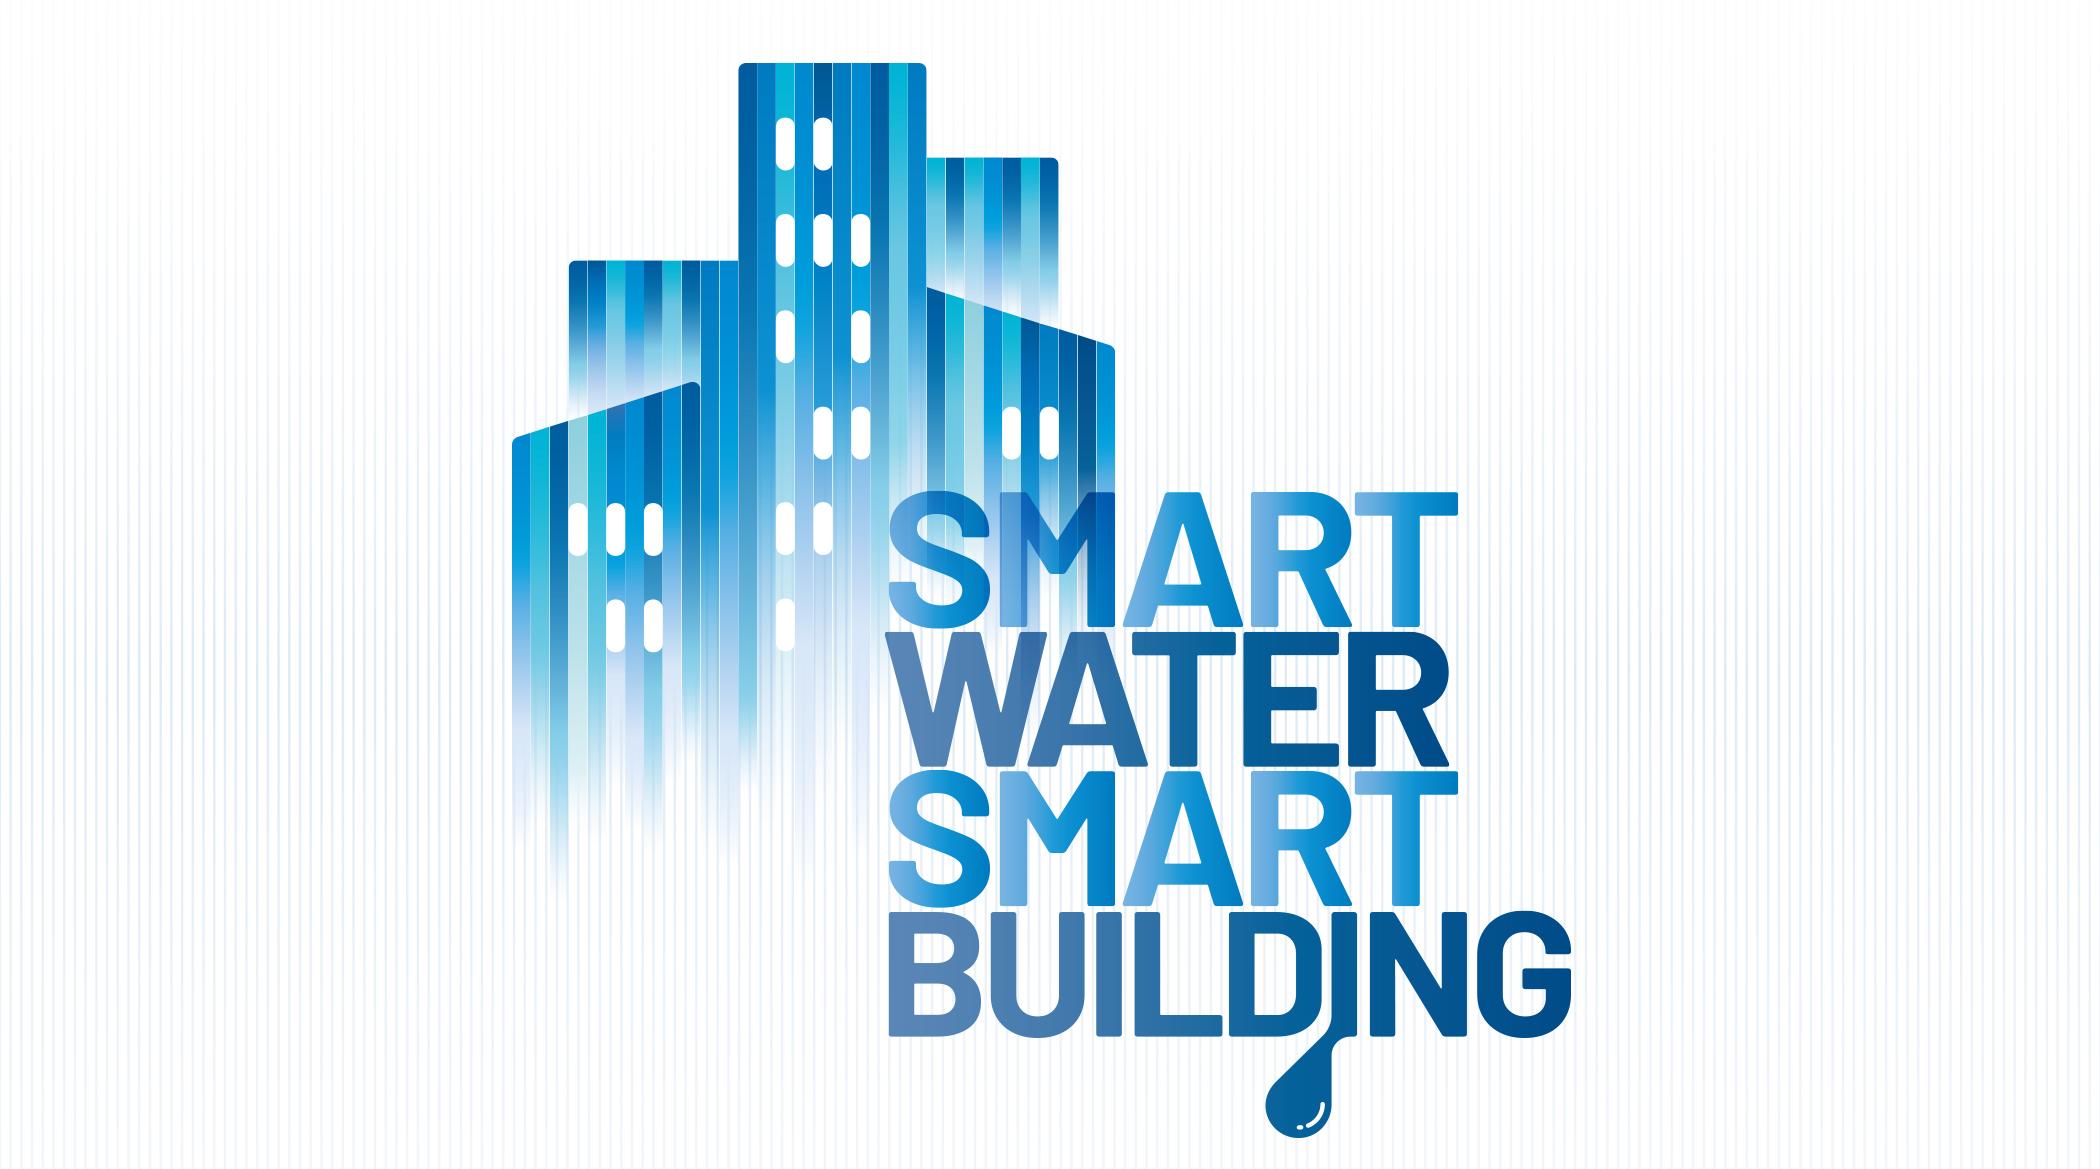 smartwater smartbuilding horitzonal